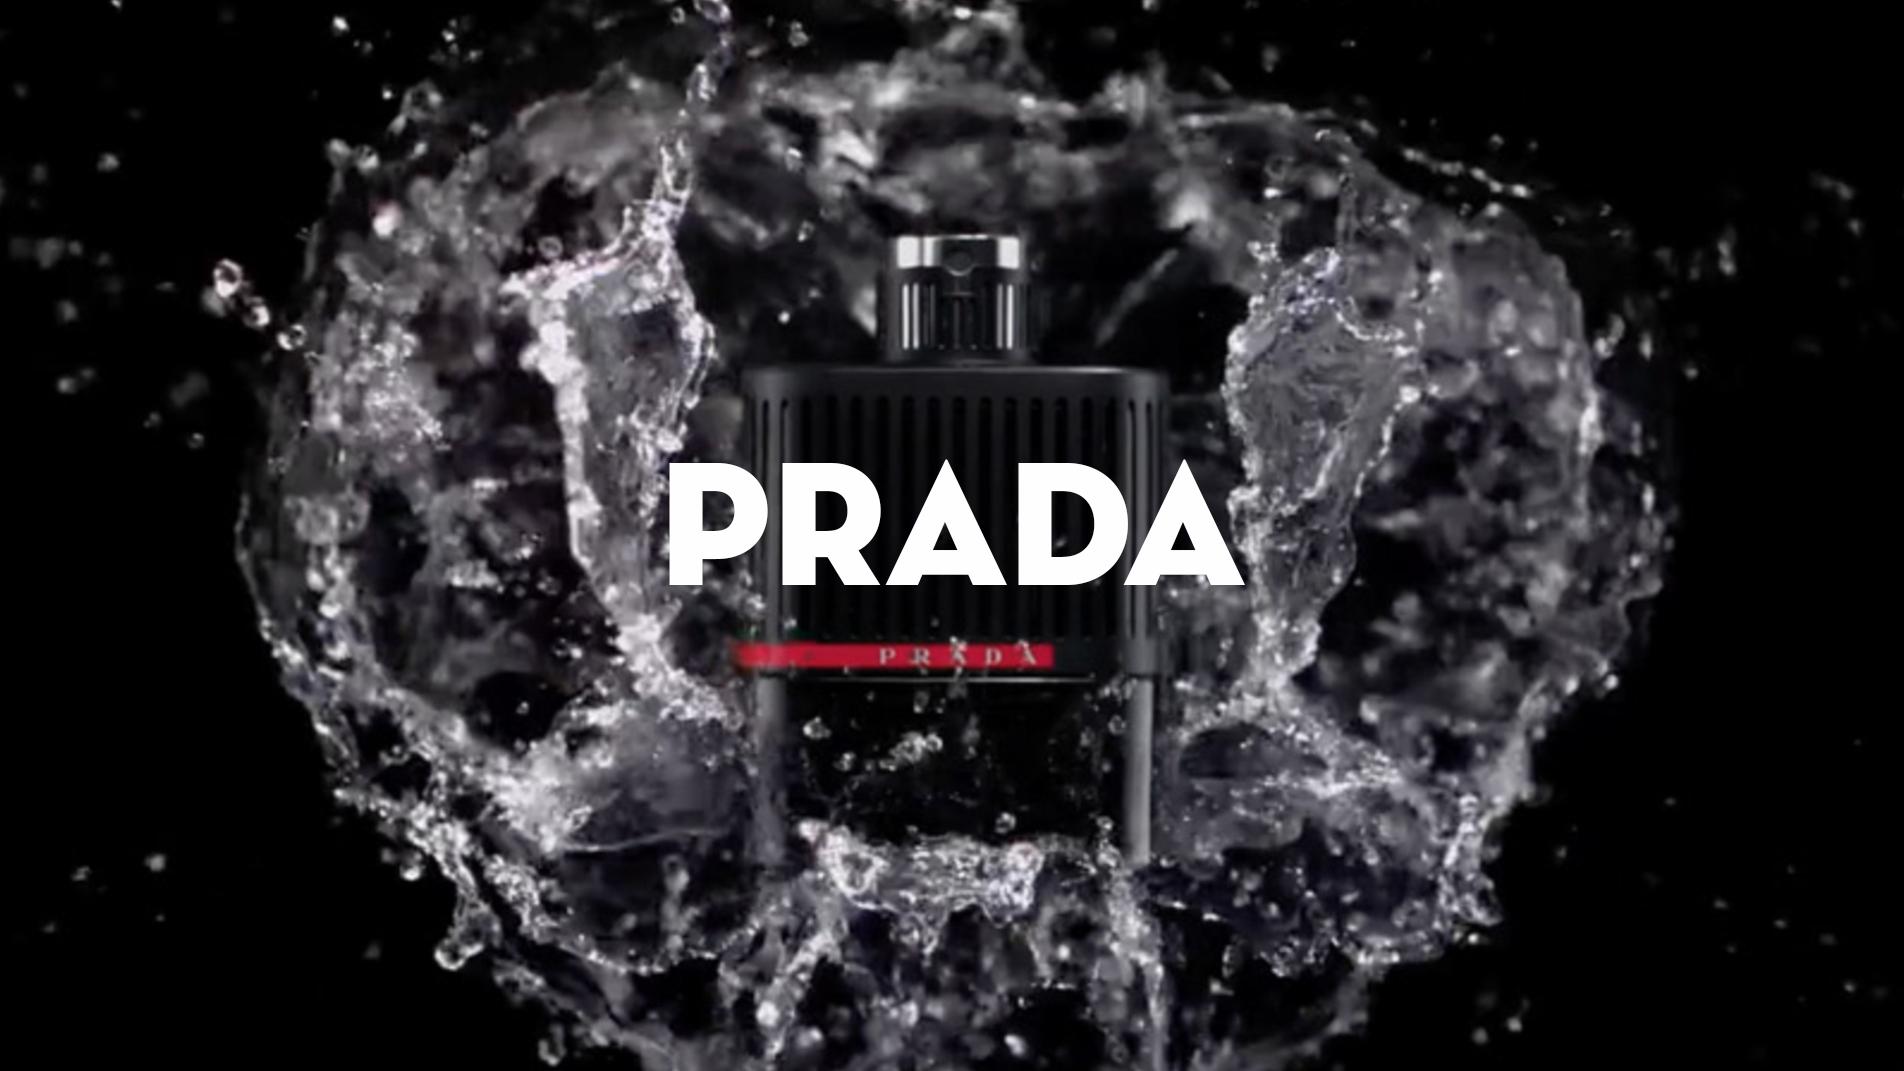 PRADA // LUNA ROSSA EXTREME REVEAL